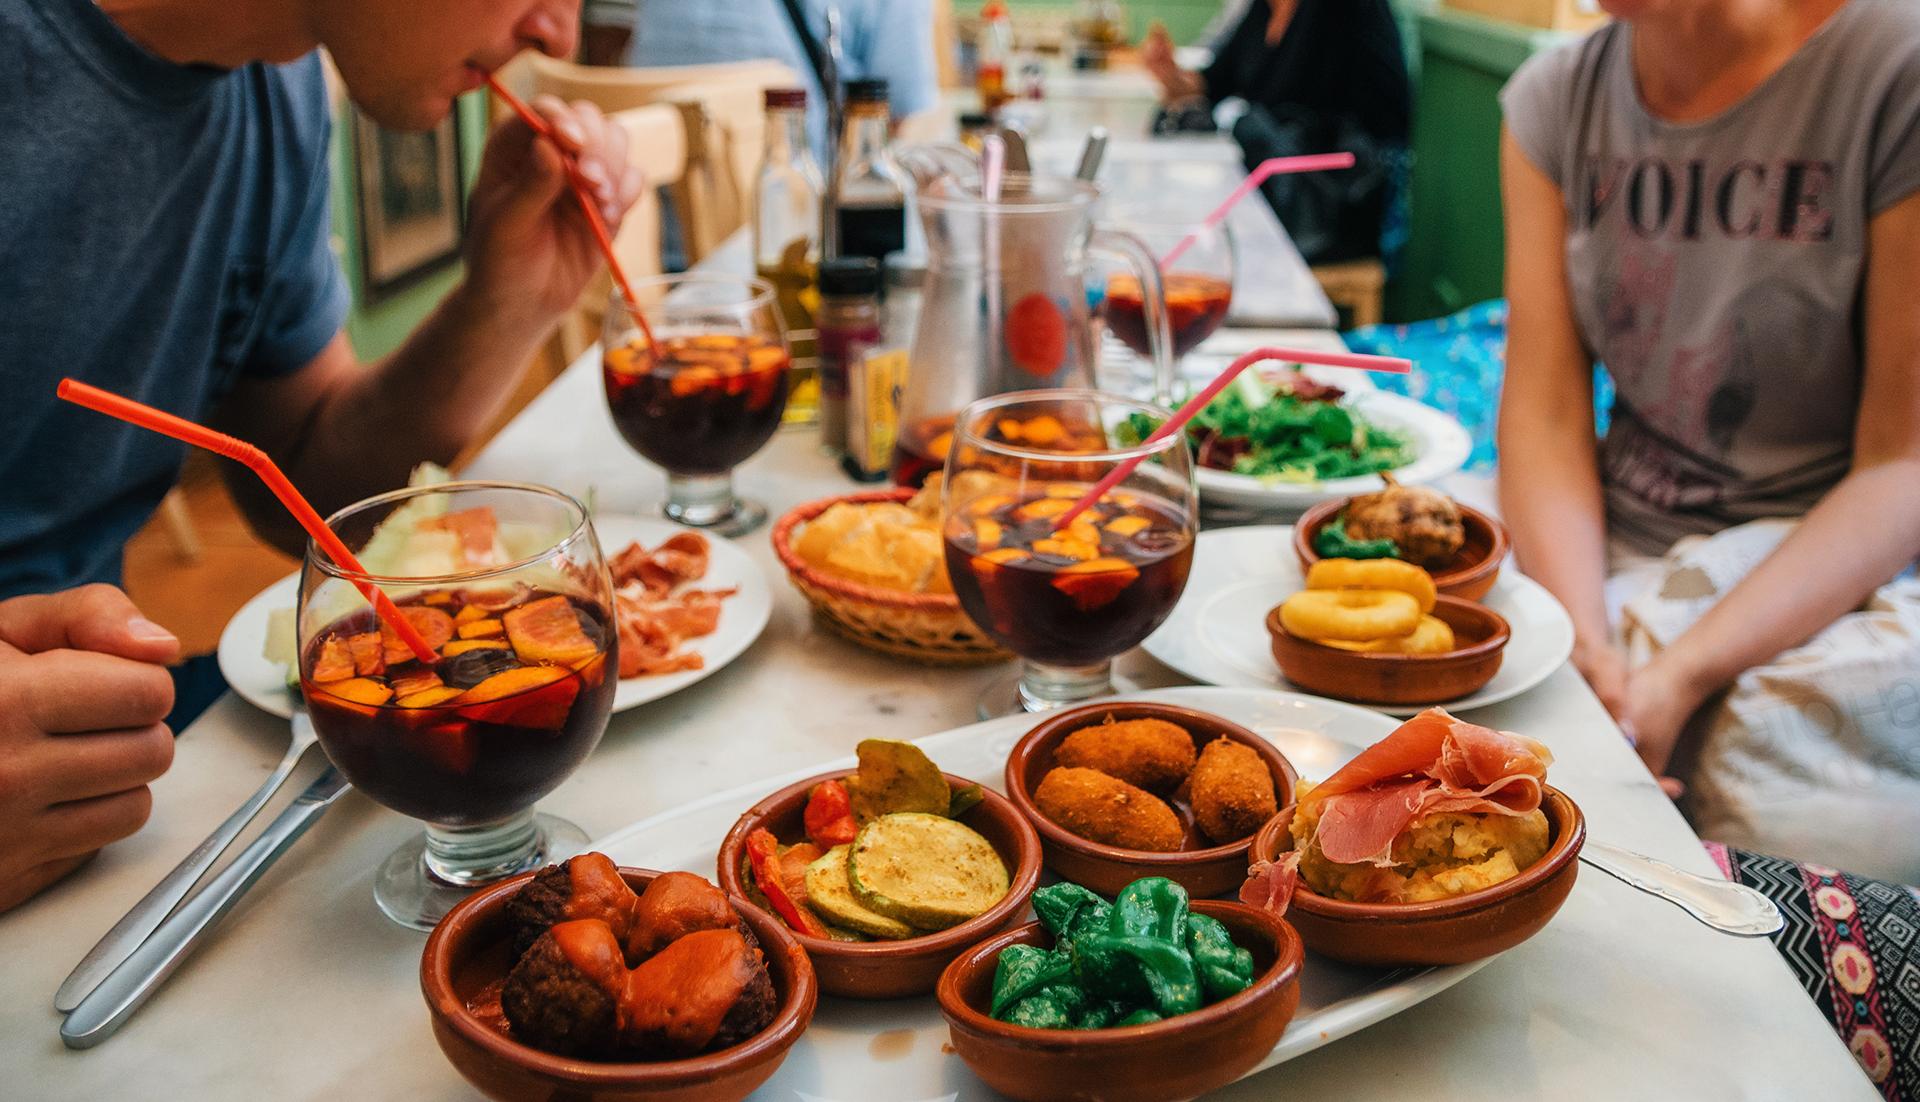 Todo amante de la comida debe experimentar una comida clásica de tapas españolas, una combinación de platos pequeños como pimientos asados, anchoas y otros platos locales